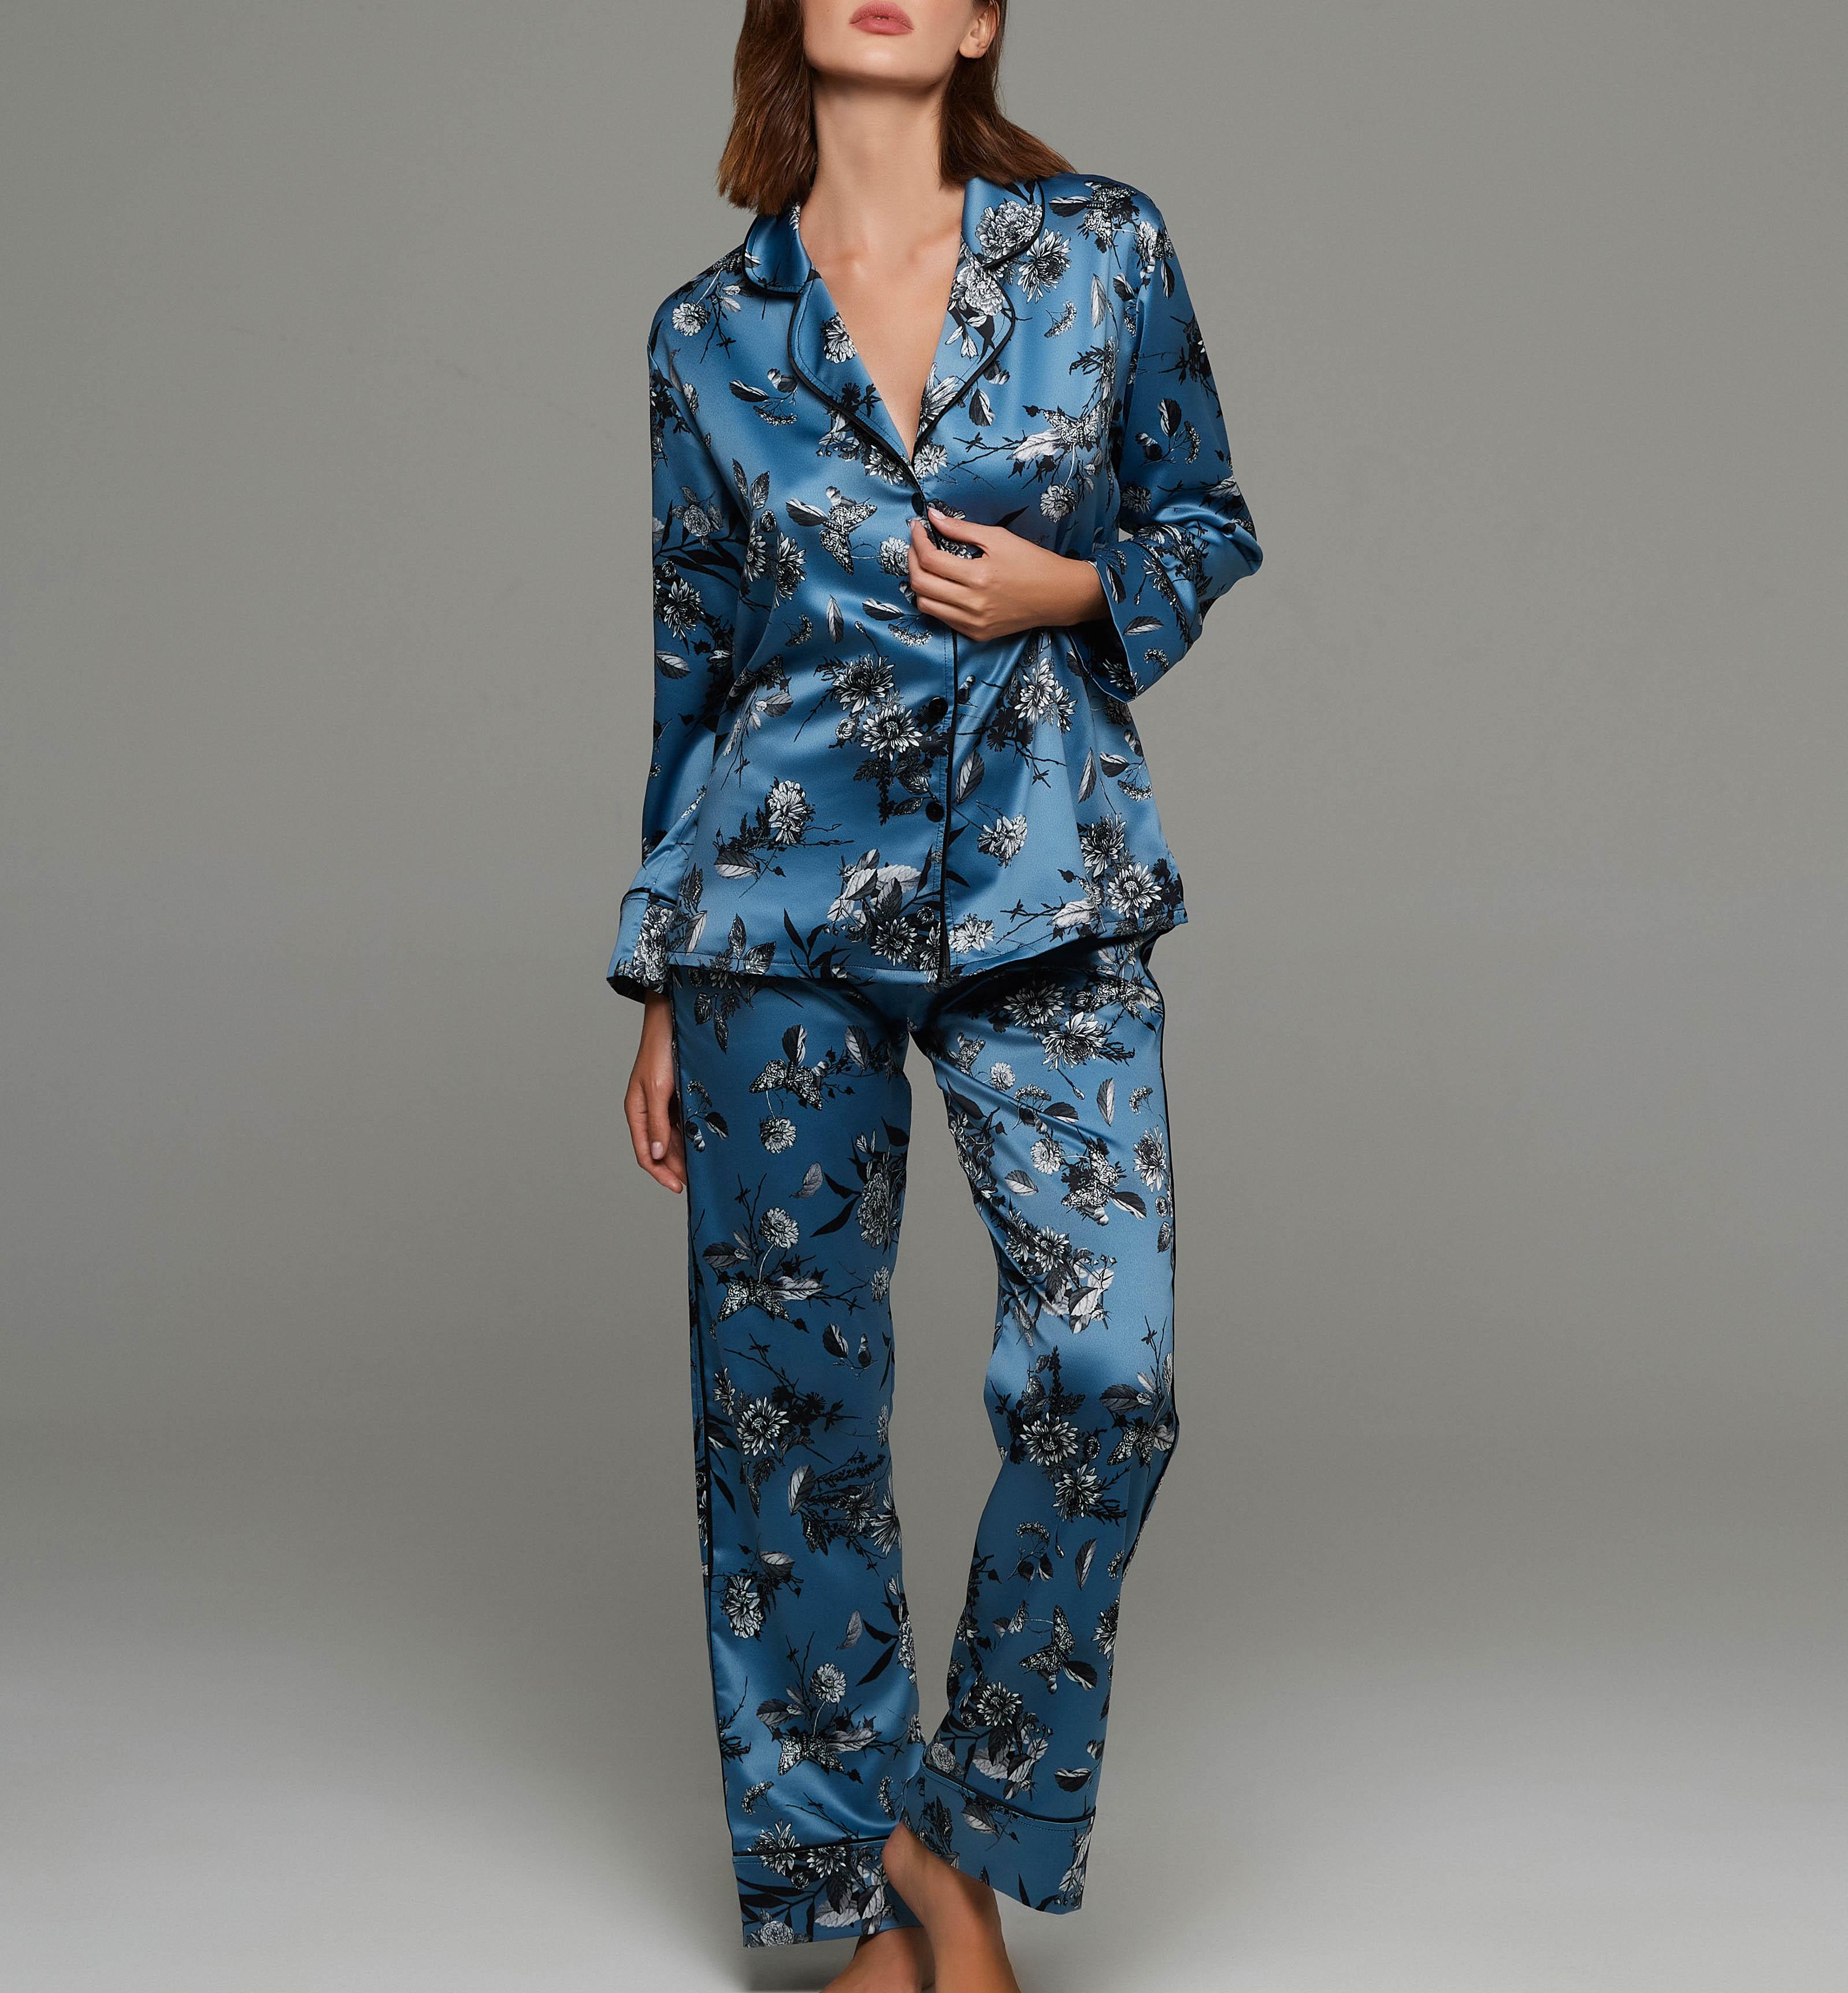 Γυναικεία πυτζάμα Lida - Μπλε Σατέν - Floral - Homewear Set